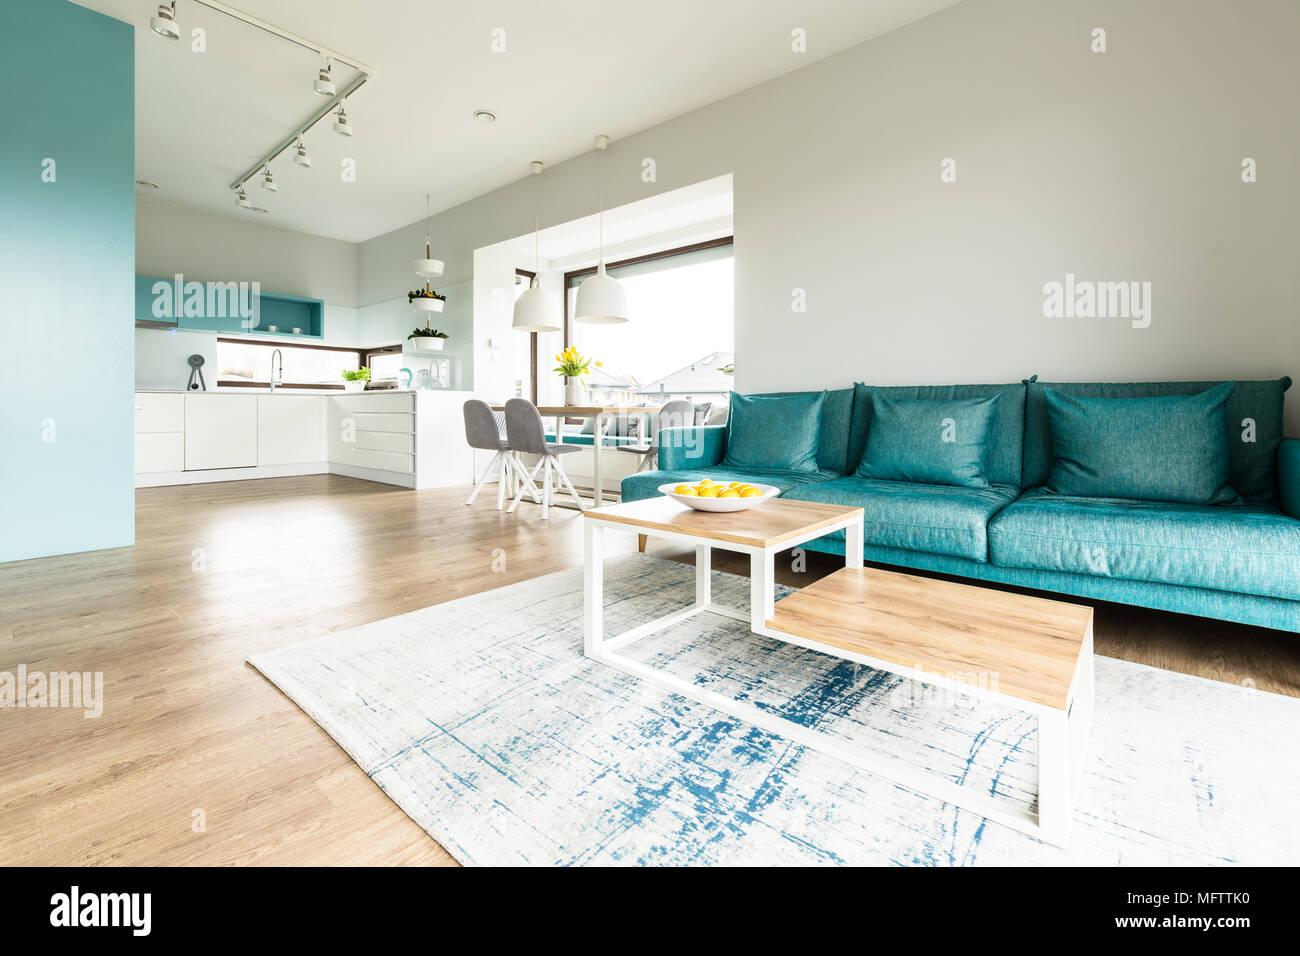 Bianco e turchese aprire lo spazio interno di una casa con un grande ...